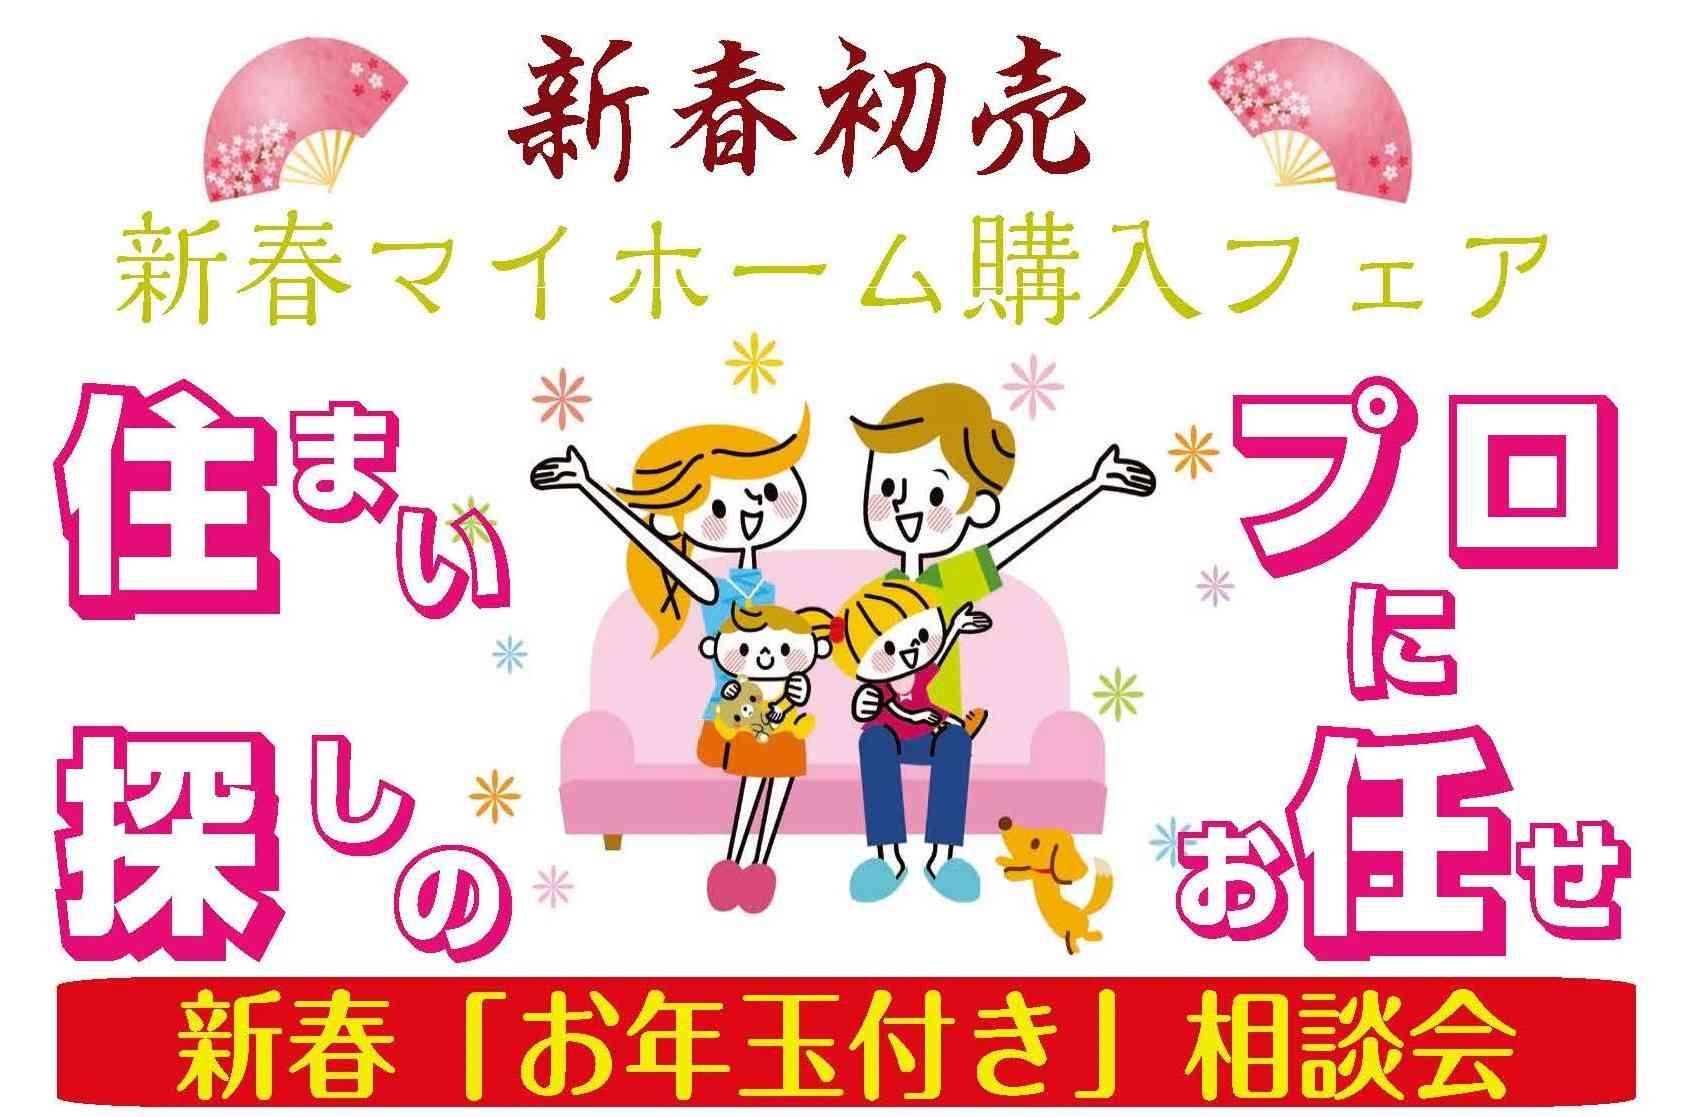 【さいたま市】★★新春\お年玉付き/お住まい相談会!!★★